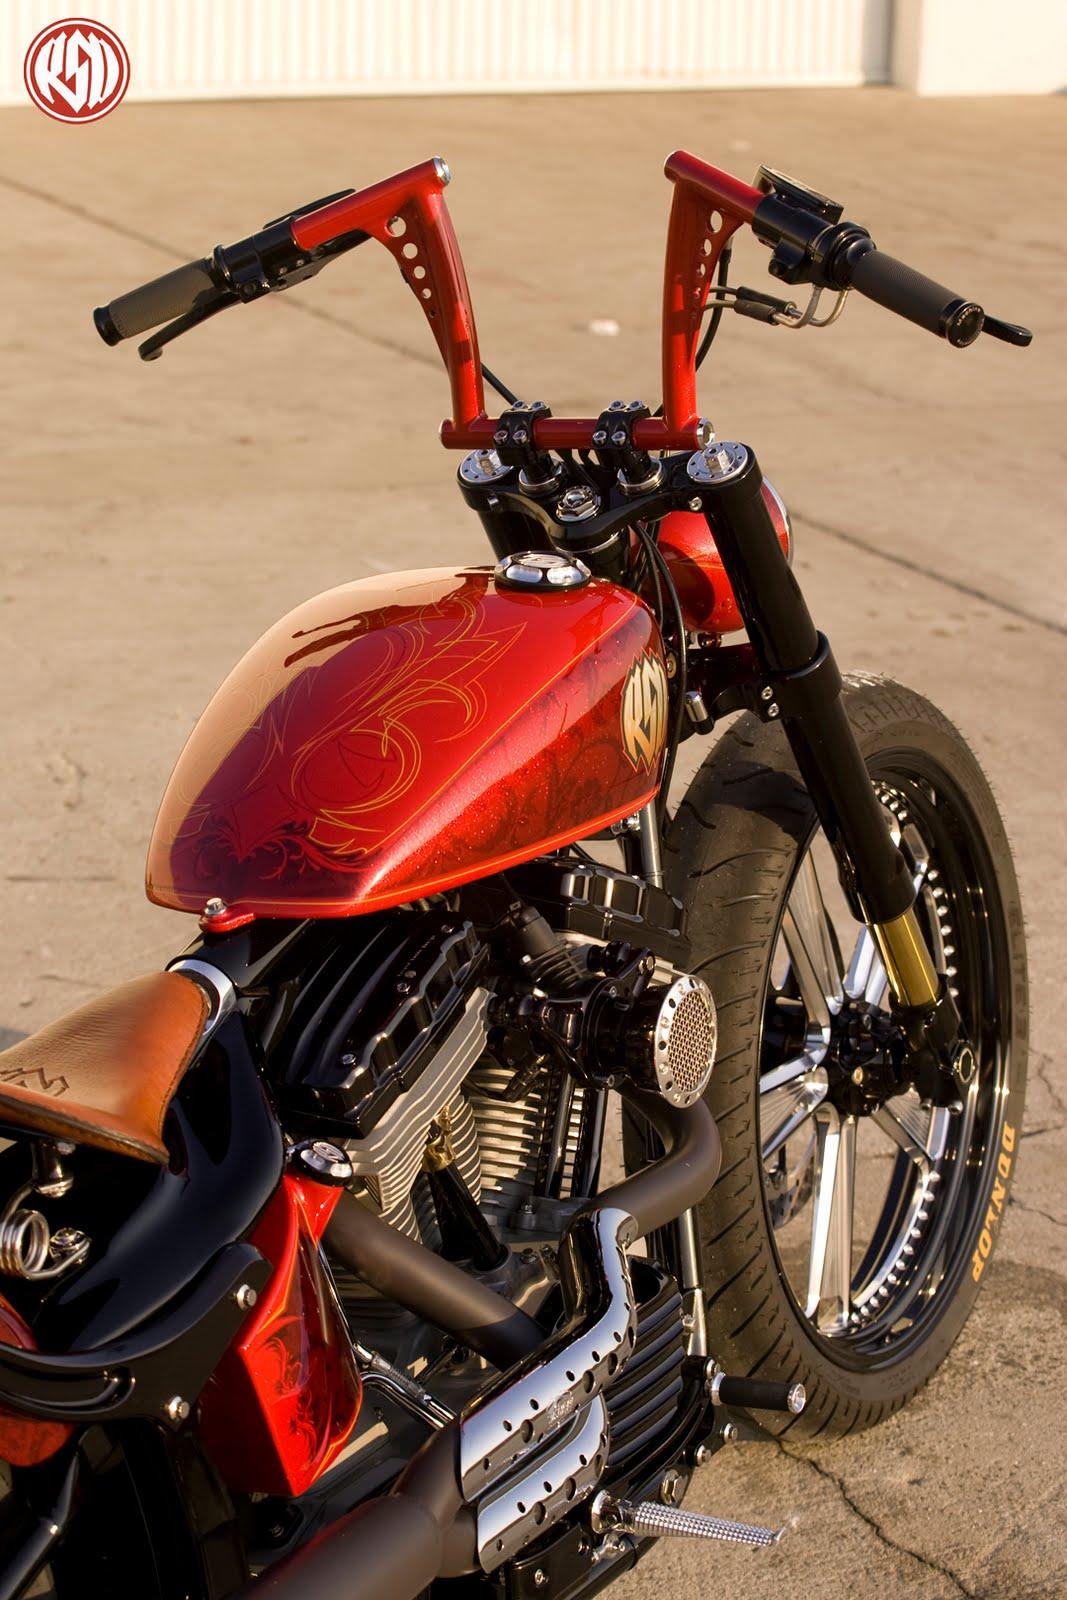 Harley Davidson Wiring Diagram Harley Davidson Wiring Diagram Harley